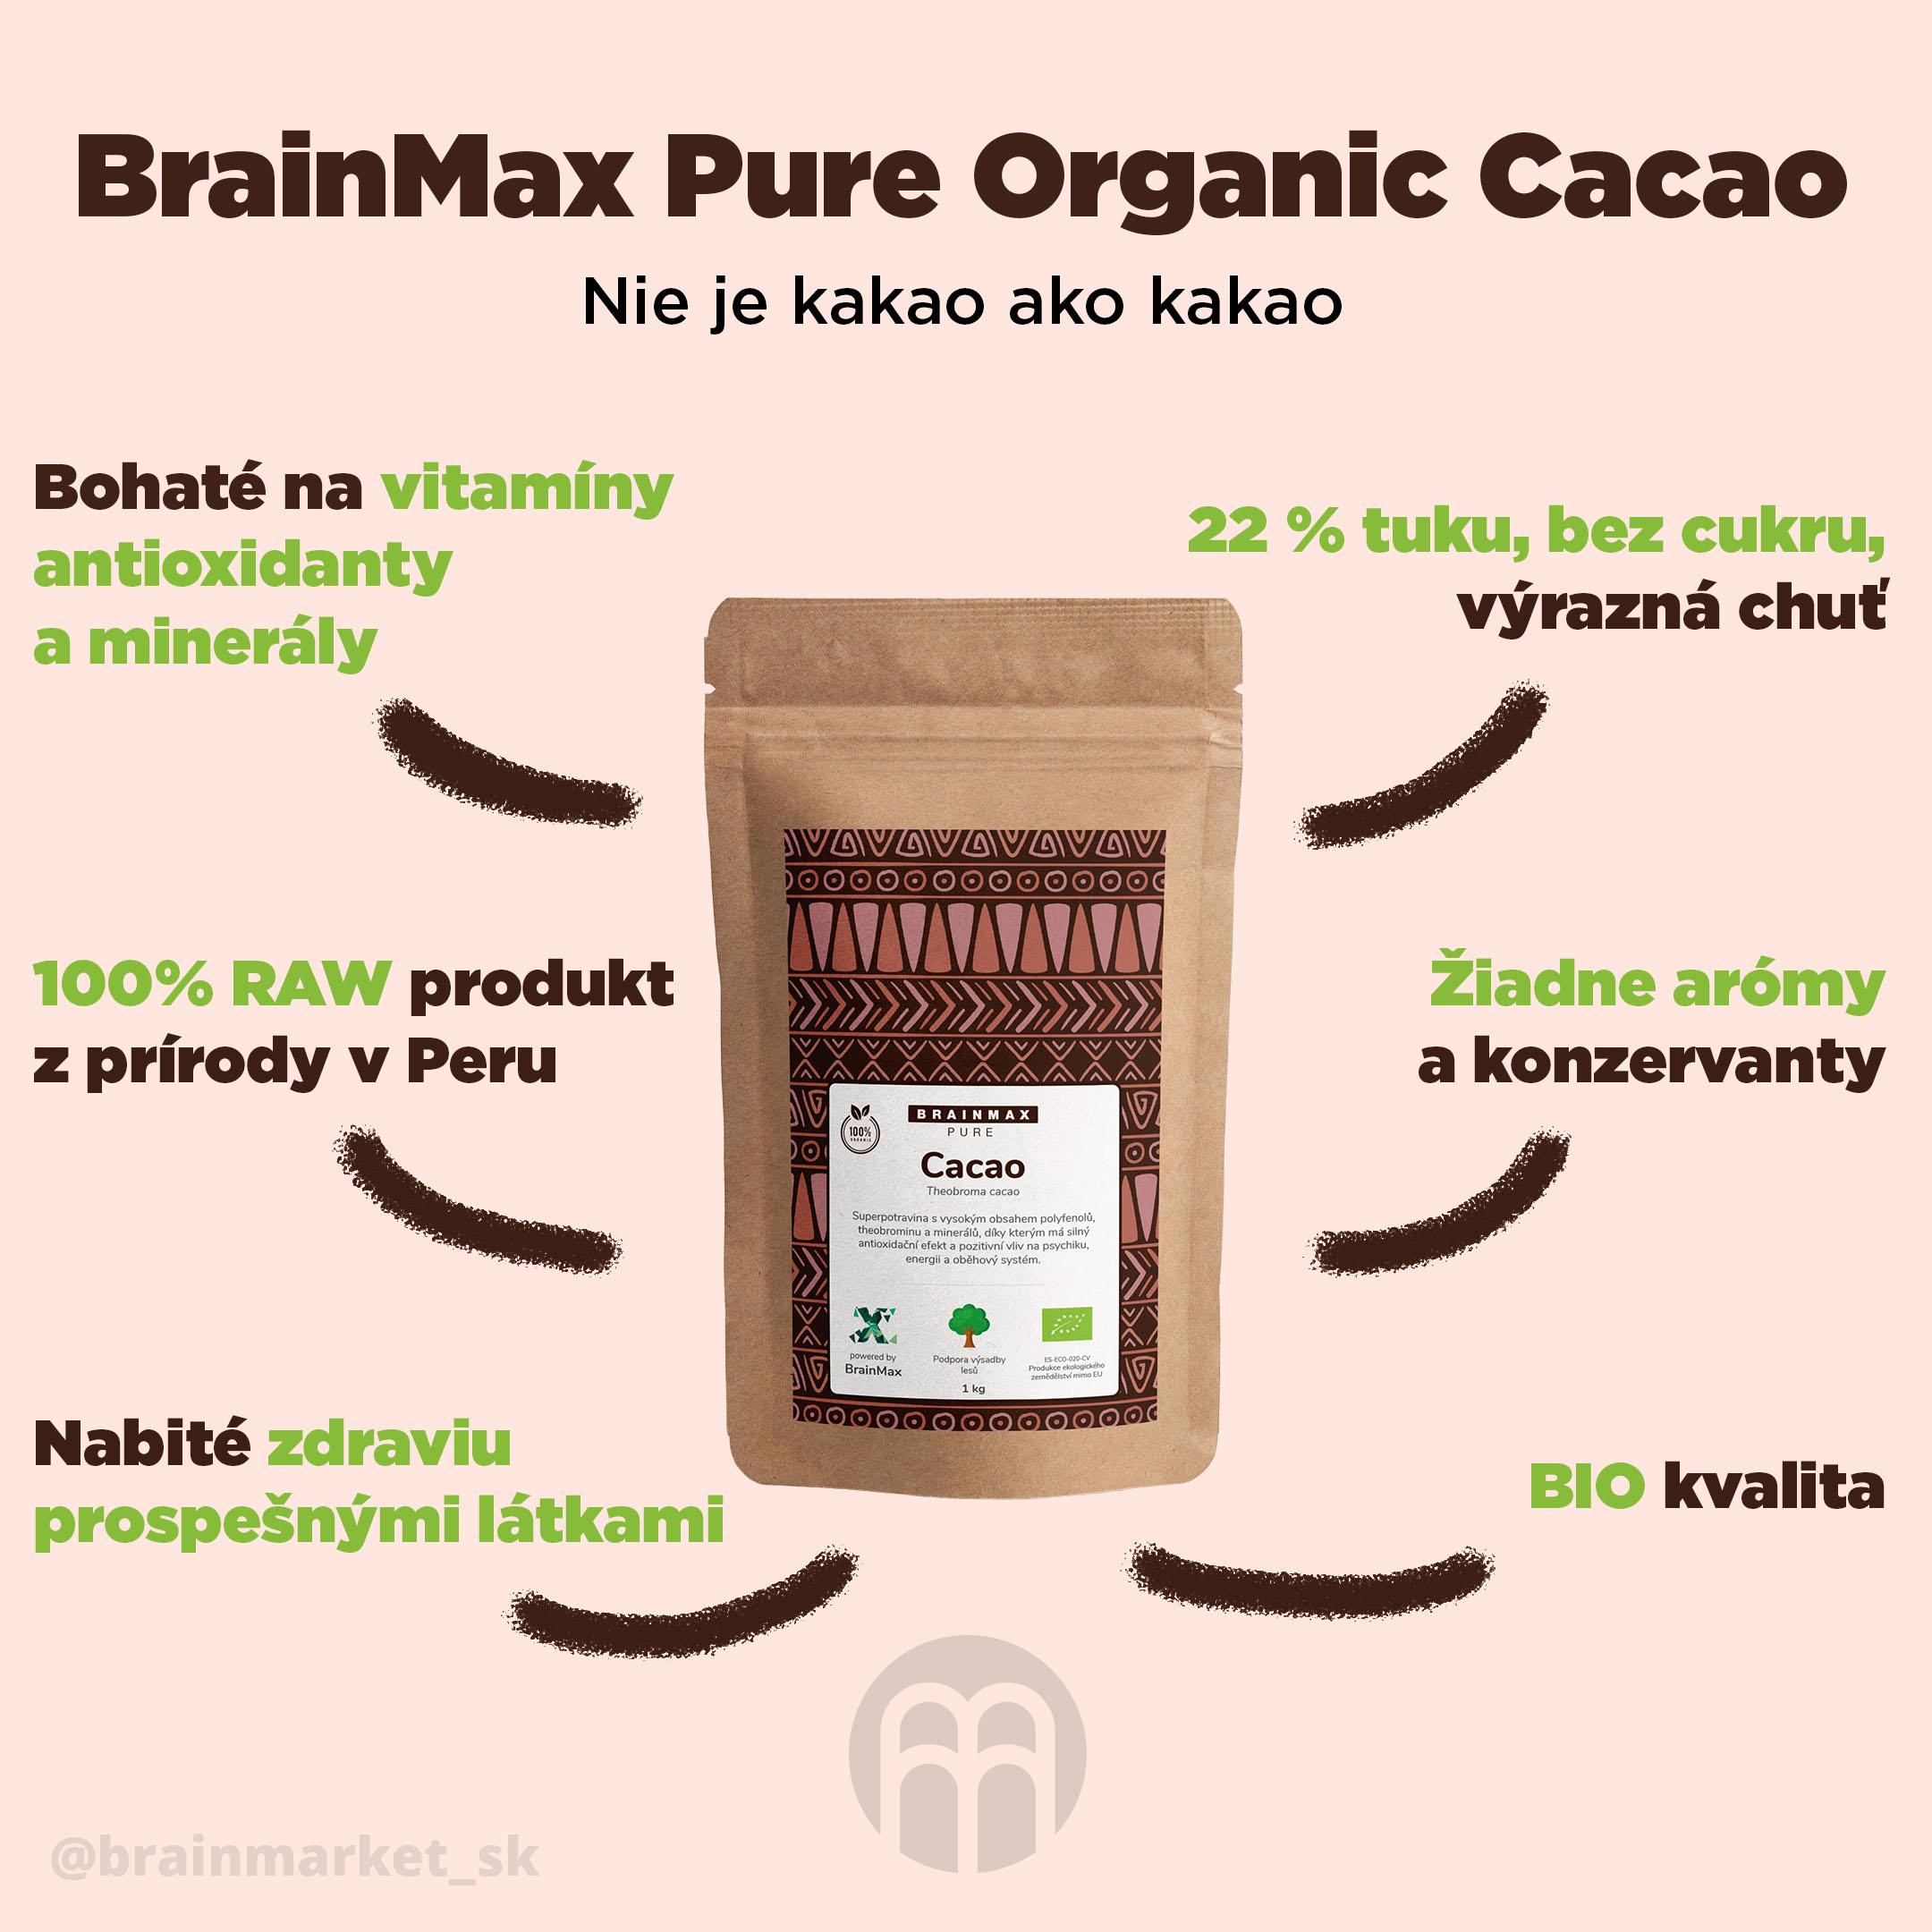 kakao_SK_potraviny_podporujici_imunitu_SK_Infografika_Instagram_BrainMarket_SK